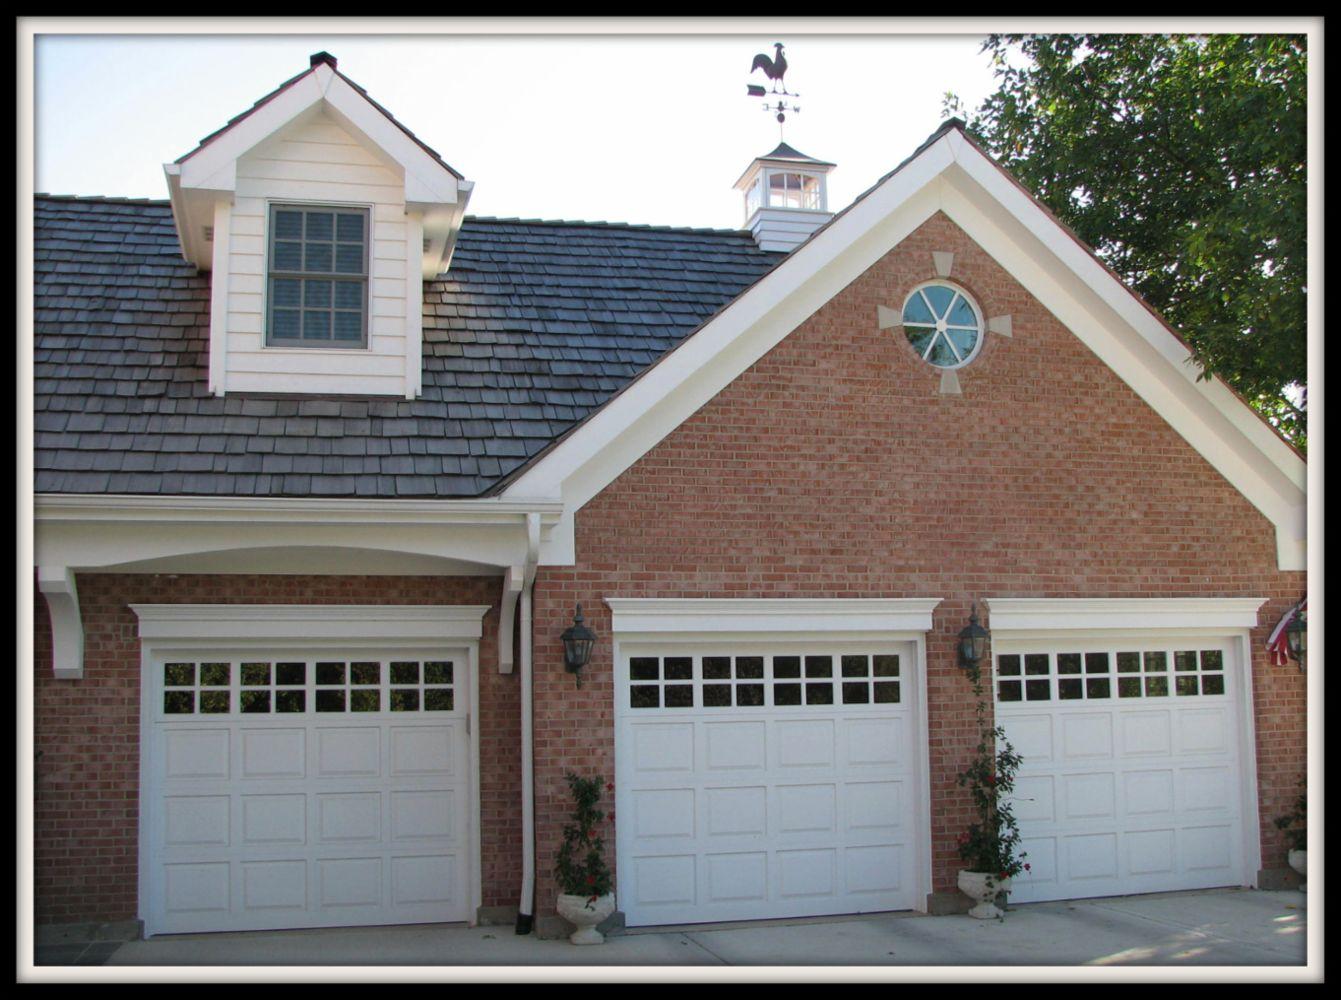 Garage door repair installation in chandler az 5stars for Garage door repair chandler az